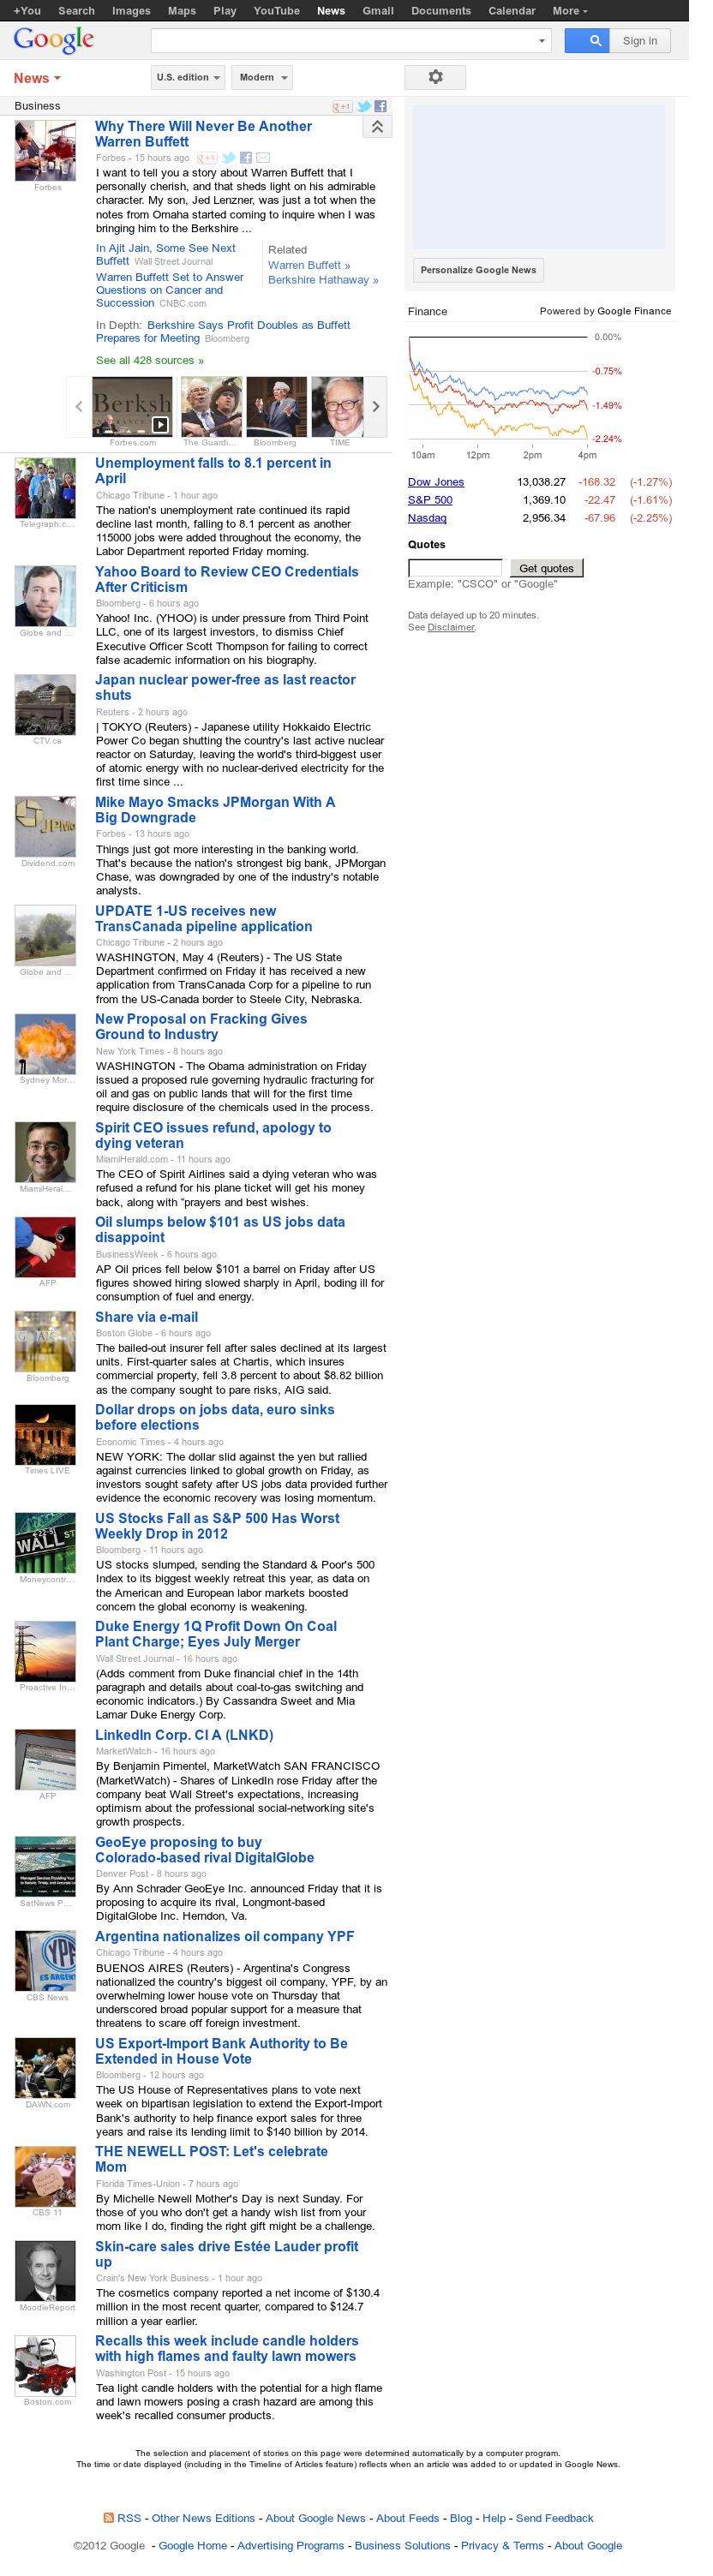 Google News: Business at Saturday May 5, 2012, 11:05 a.m. UTC